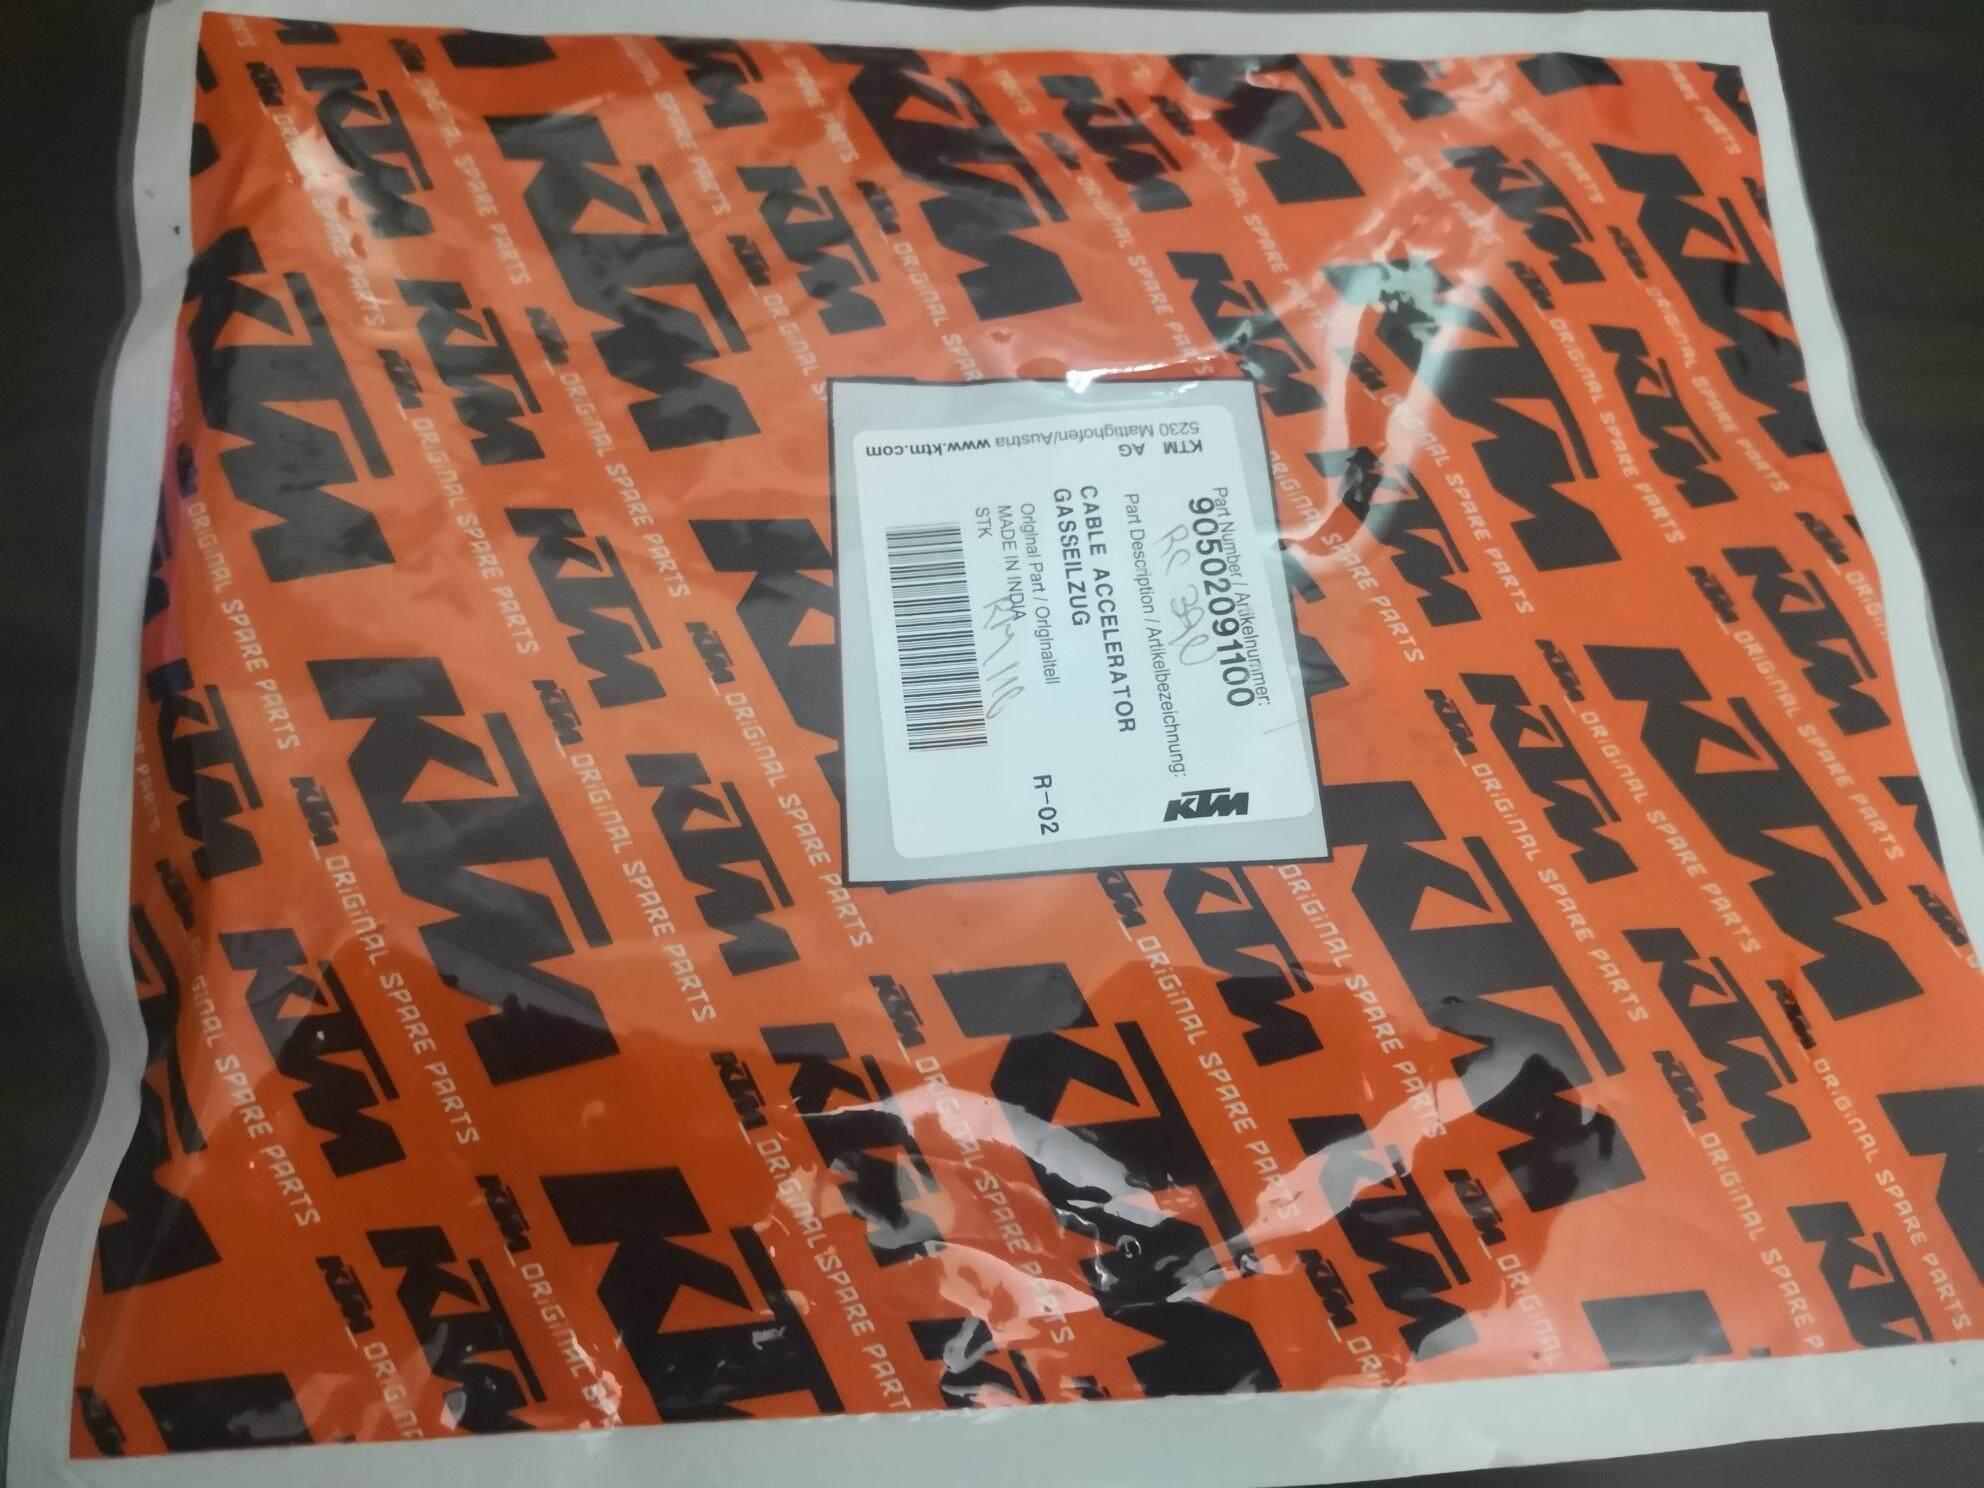 KTM - Buy KTM at Best Price in Malaysia | www lazada com my